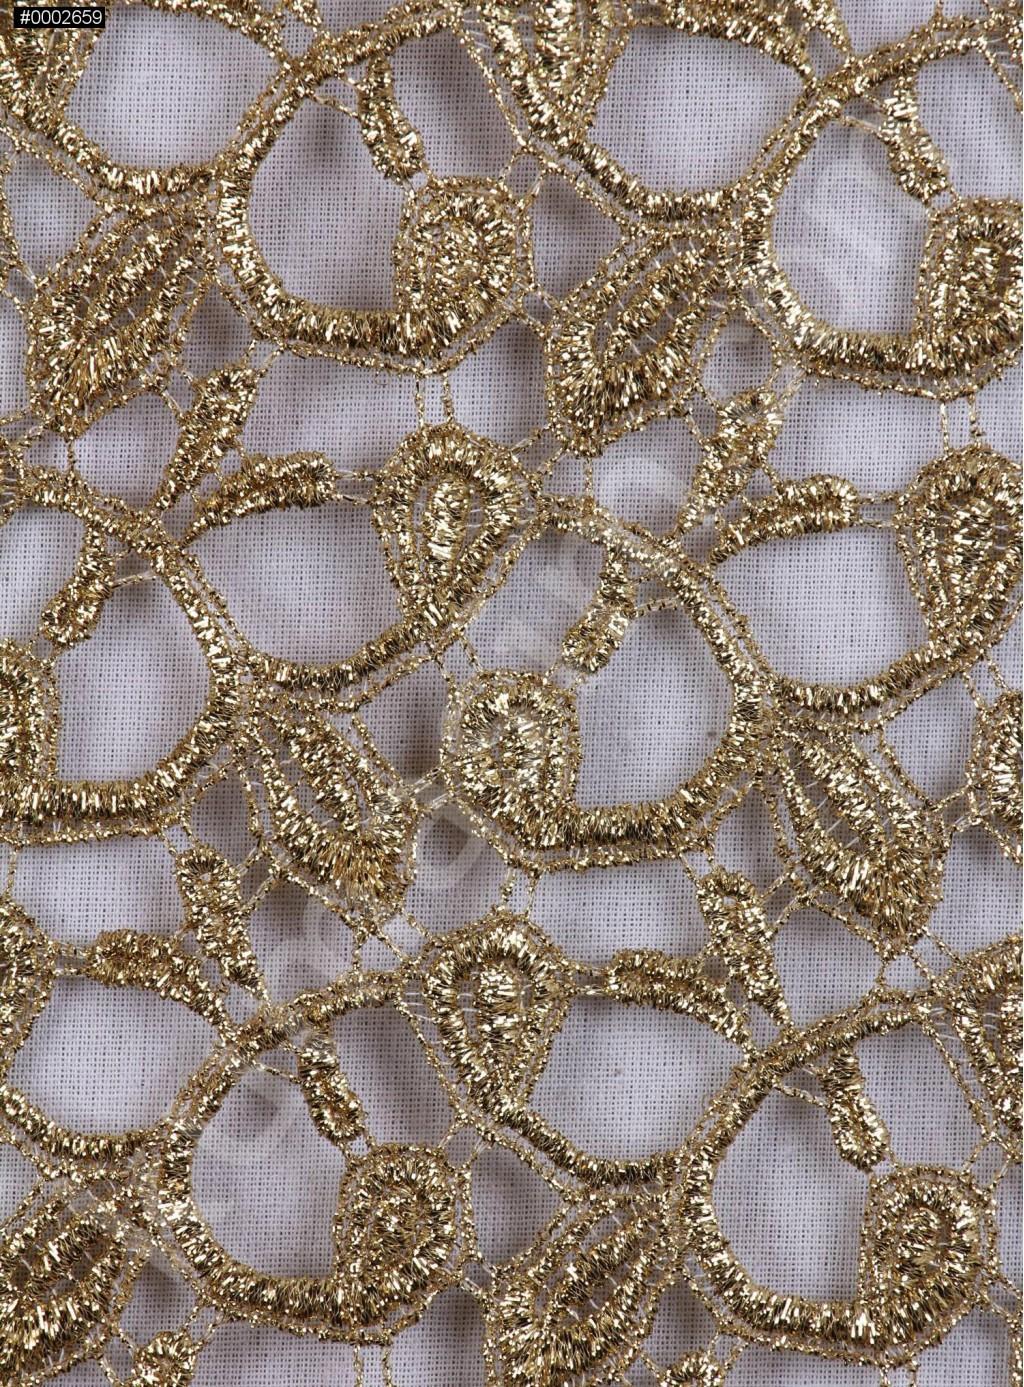 2eb3b449fa308 Zırh Görünümlü Gold Abiyelik File Kumaş - K9554 - Kumaşım